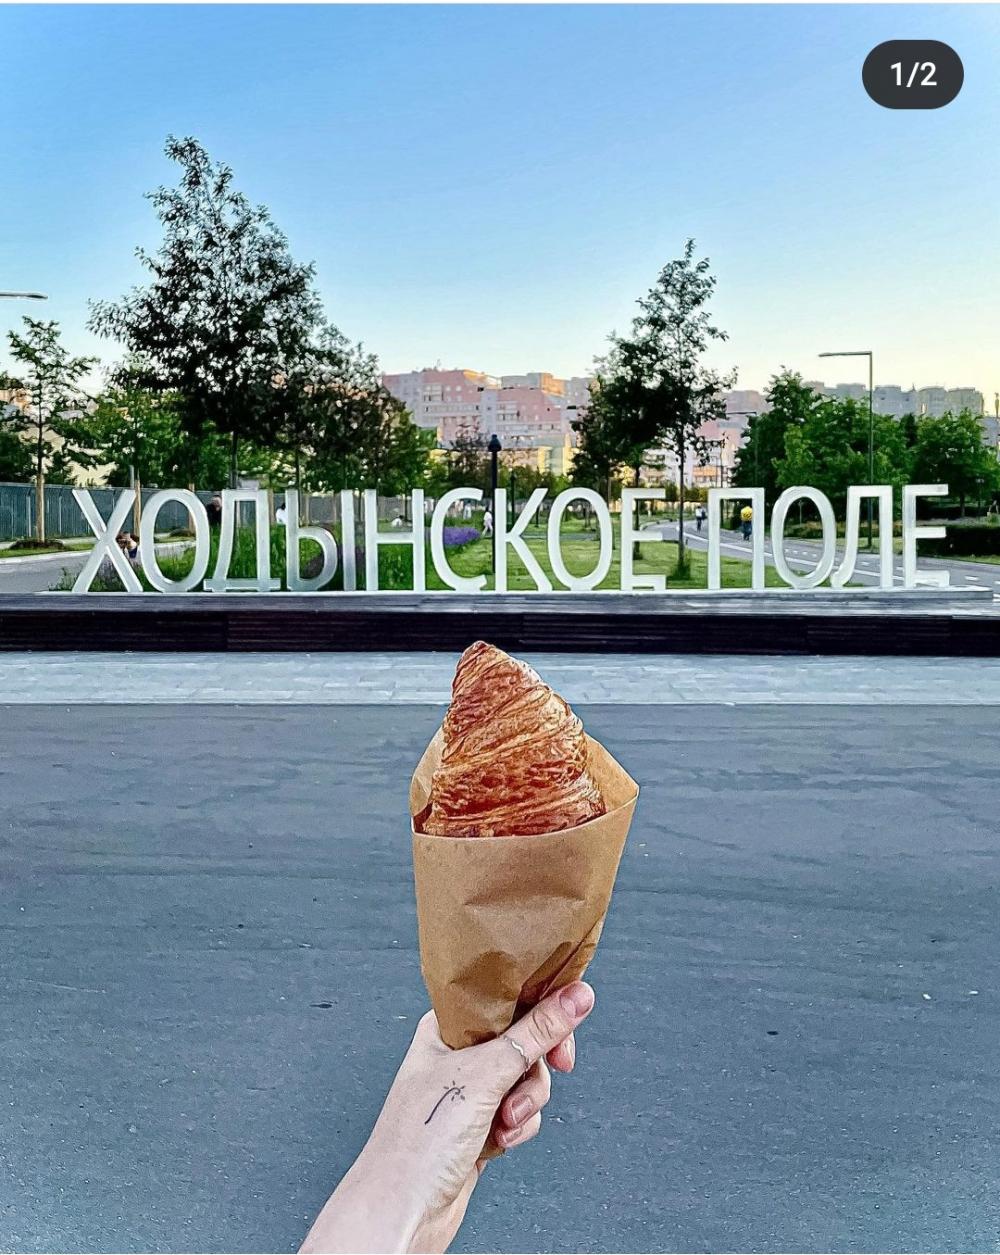 Москва<br/>Monso<br/>250 руб/ч